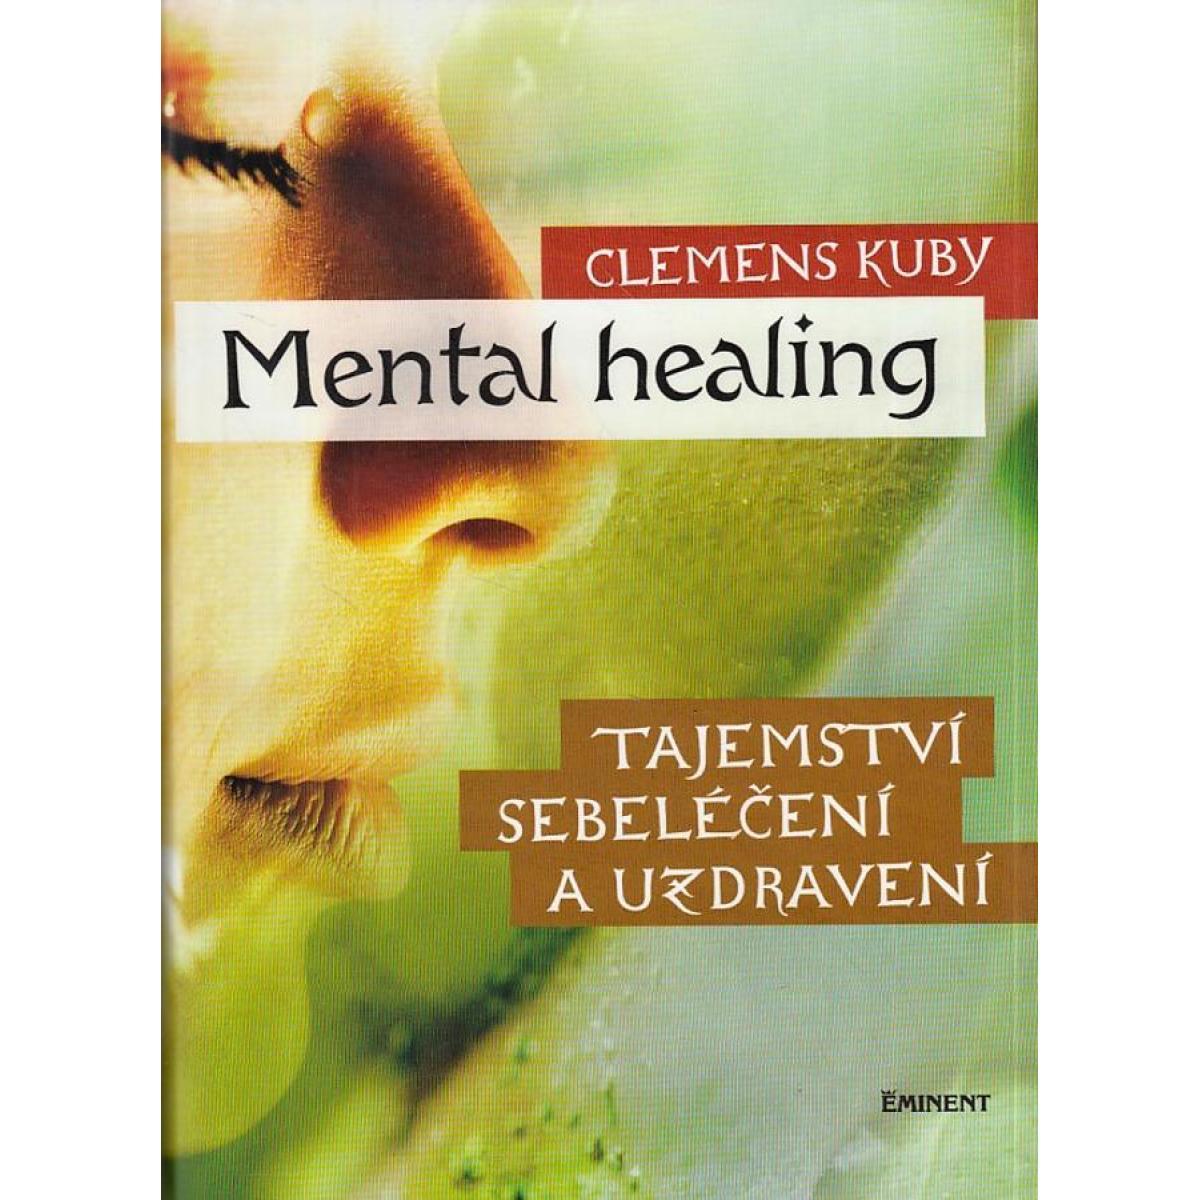 Mental healing - tajemství sebeléčení a uzdravení - Clemens Kuby